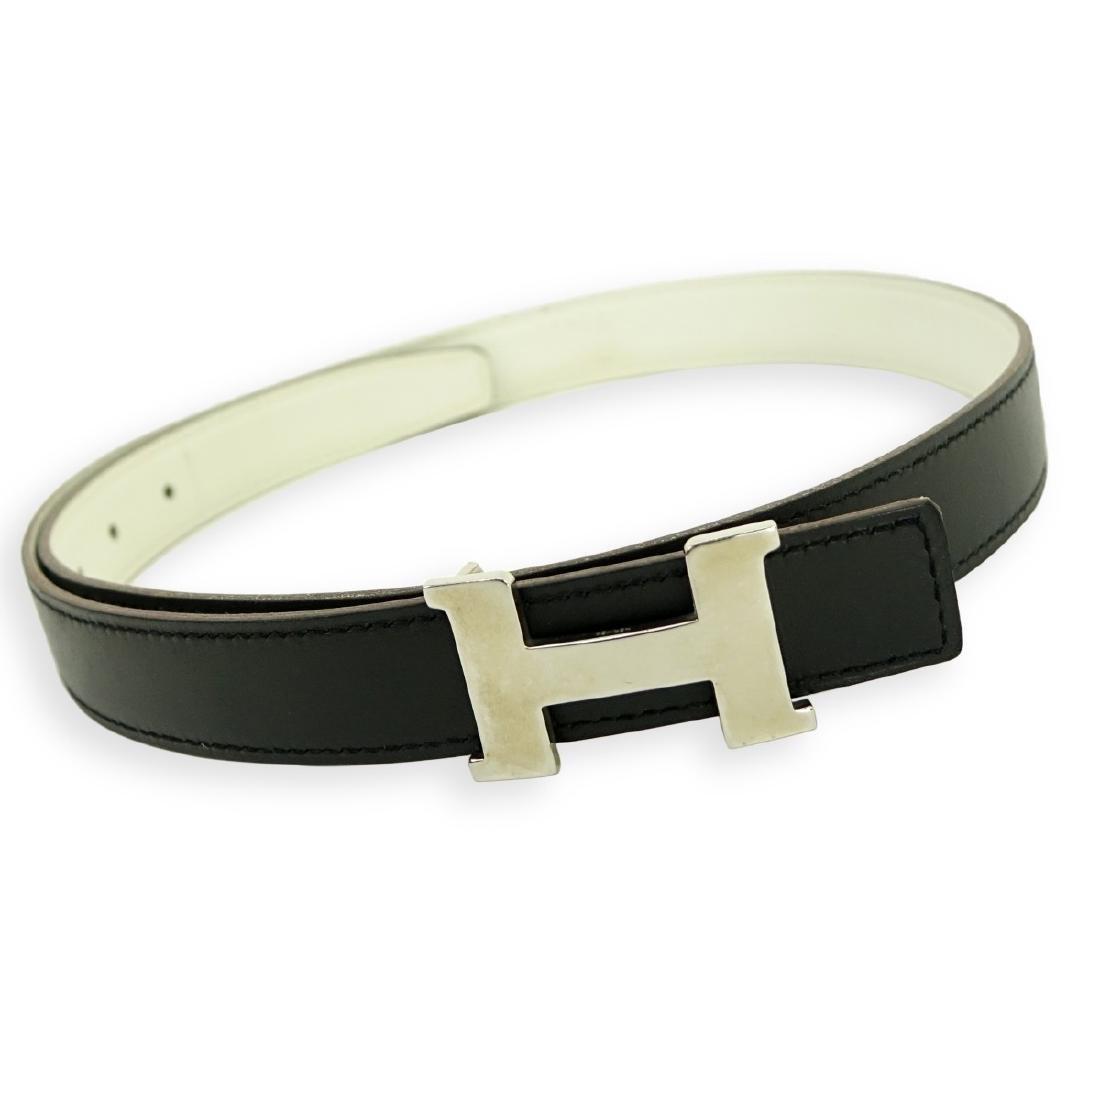 Hermes Black/White Togo Leather H Belt 80